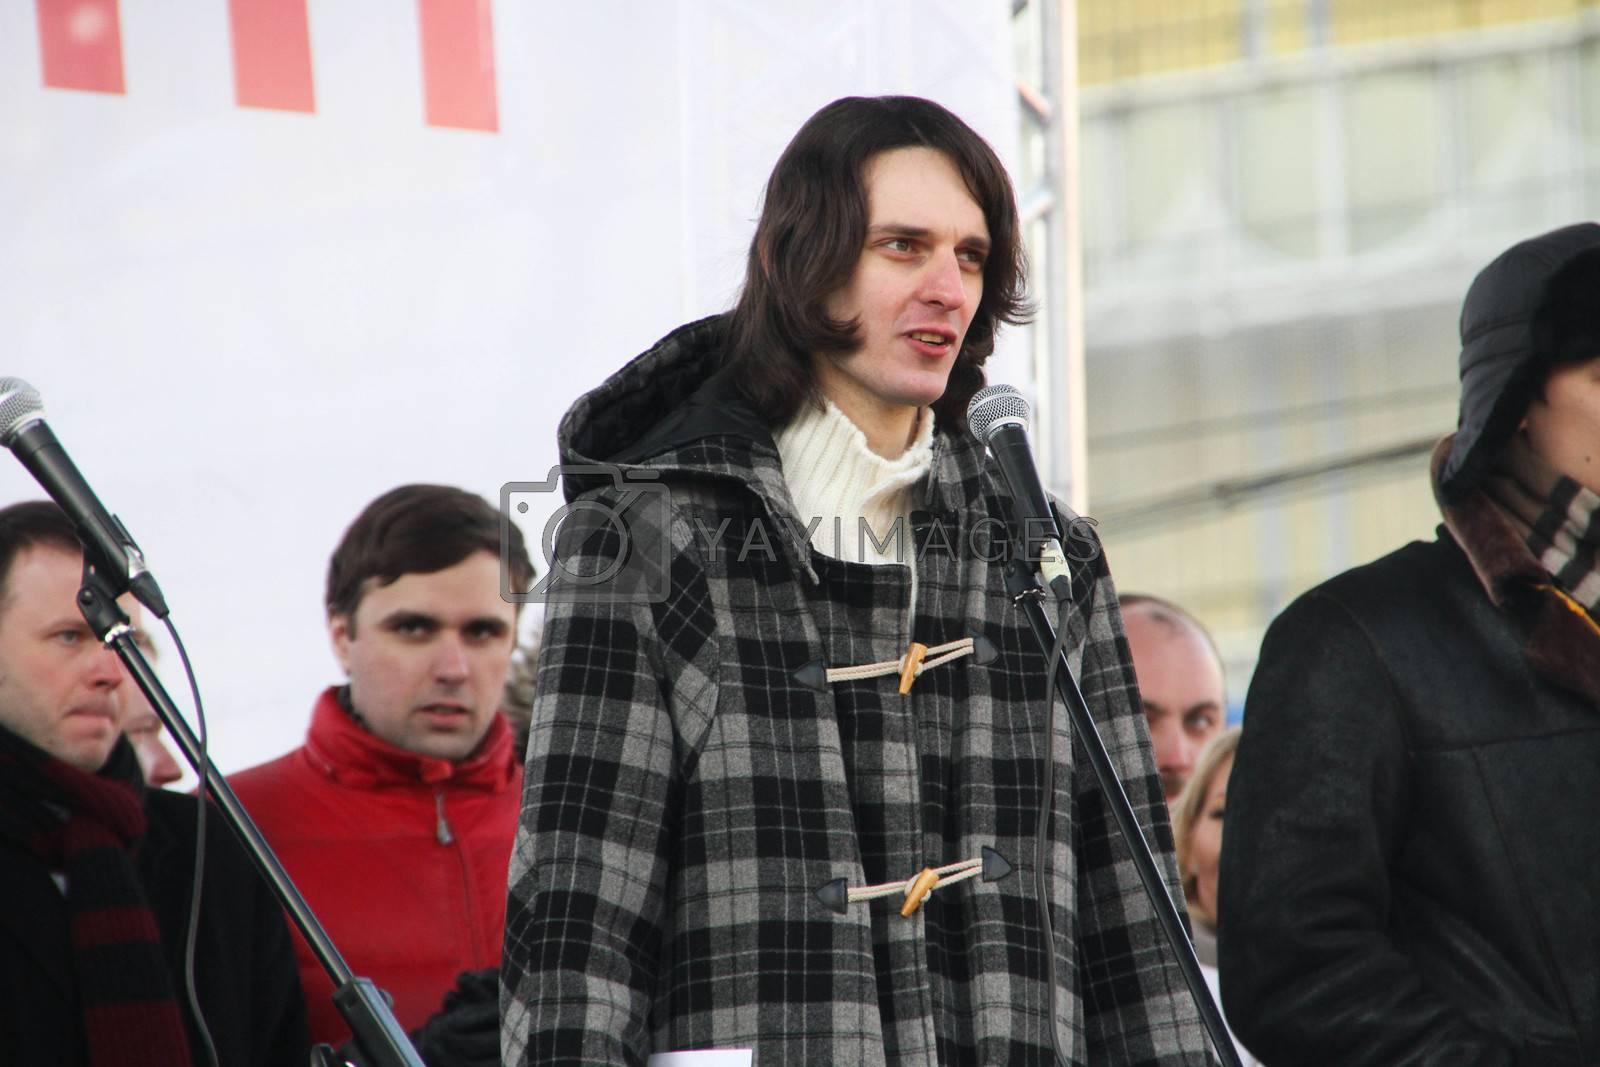 Municipal Deputy Maxim Katz by olegkozyrev